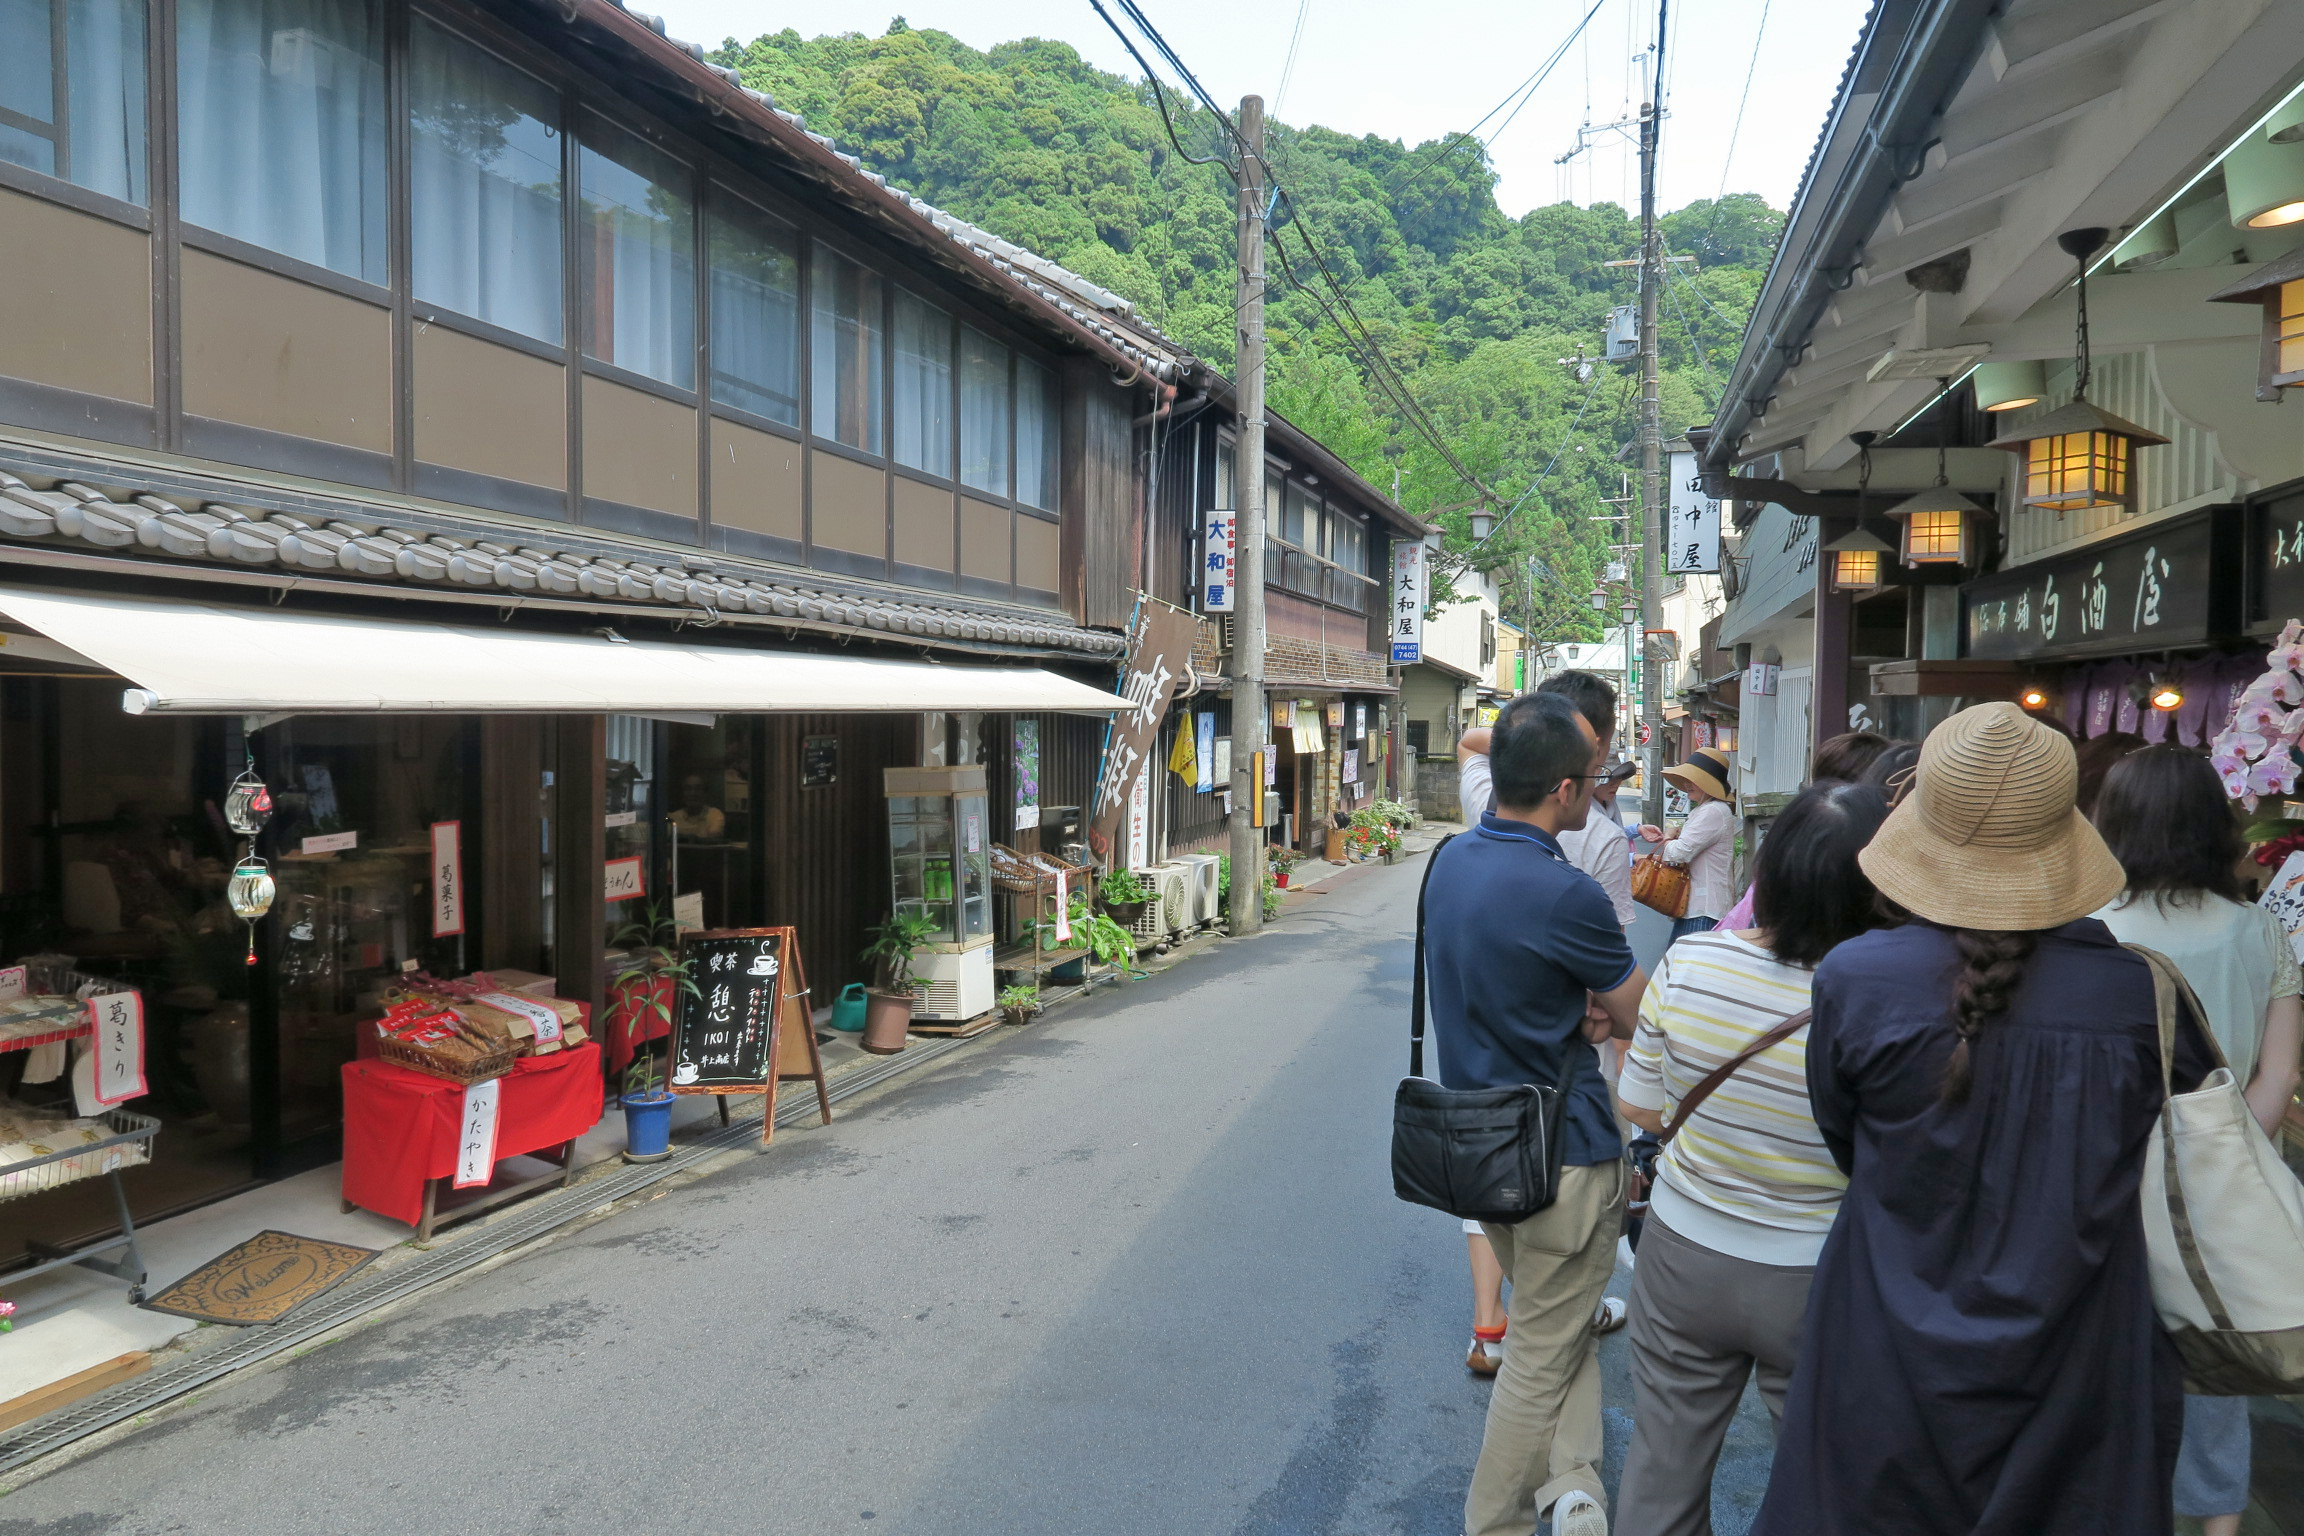 長谷寺を出たところの商店街に行列が・・・なんだろう??